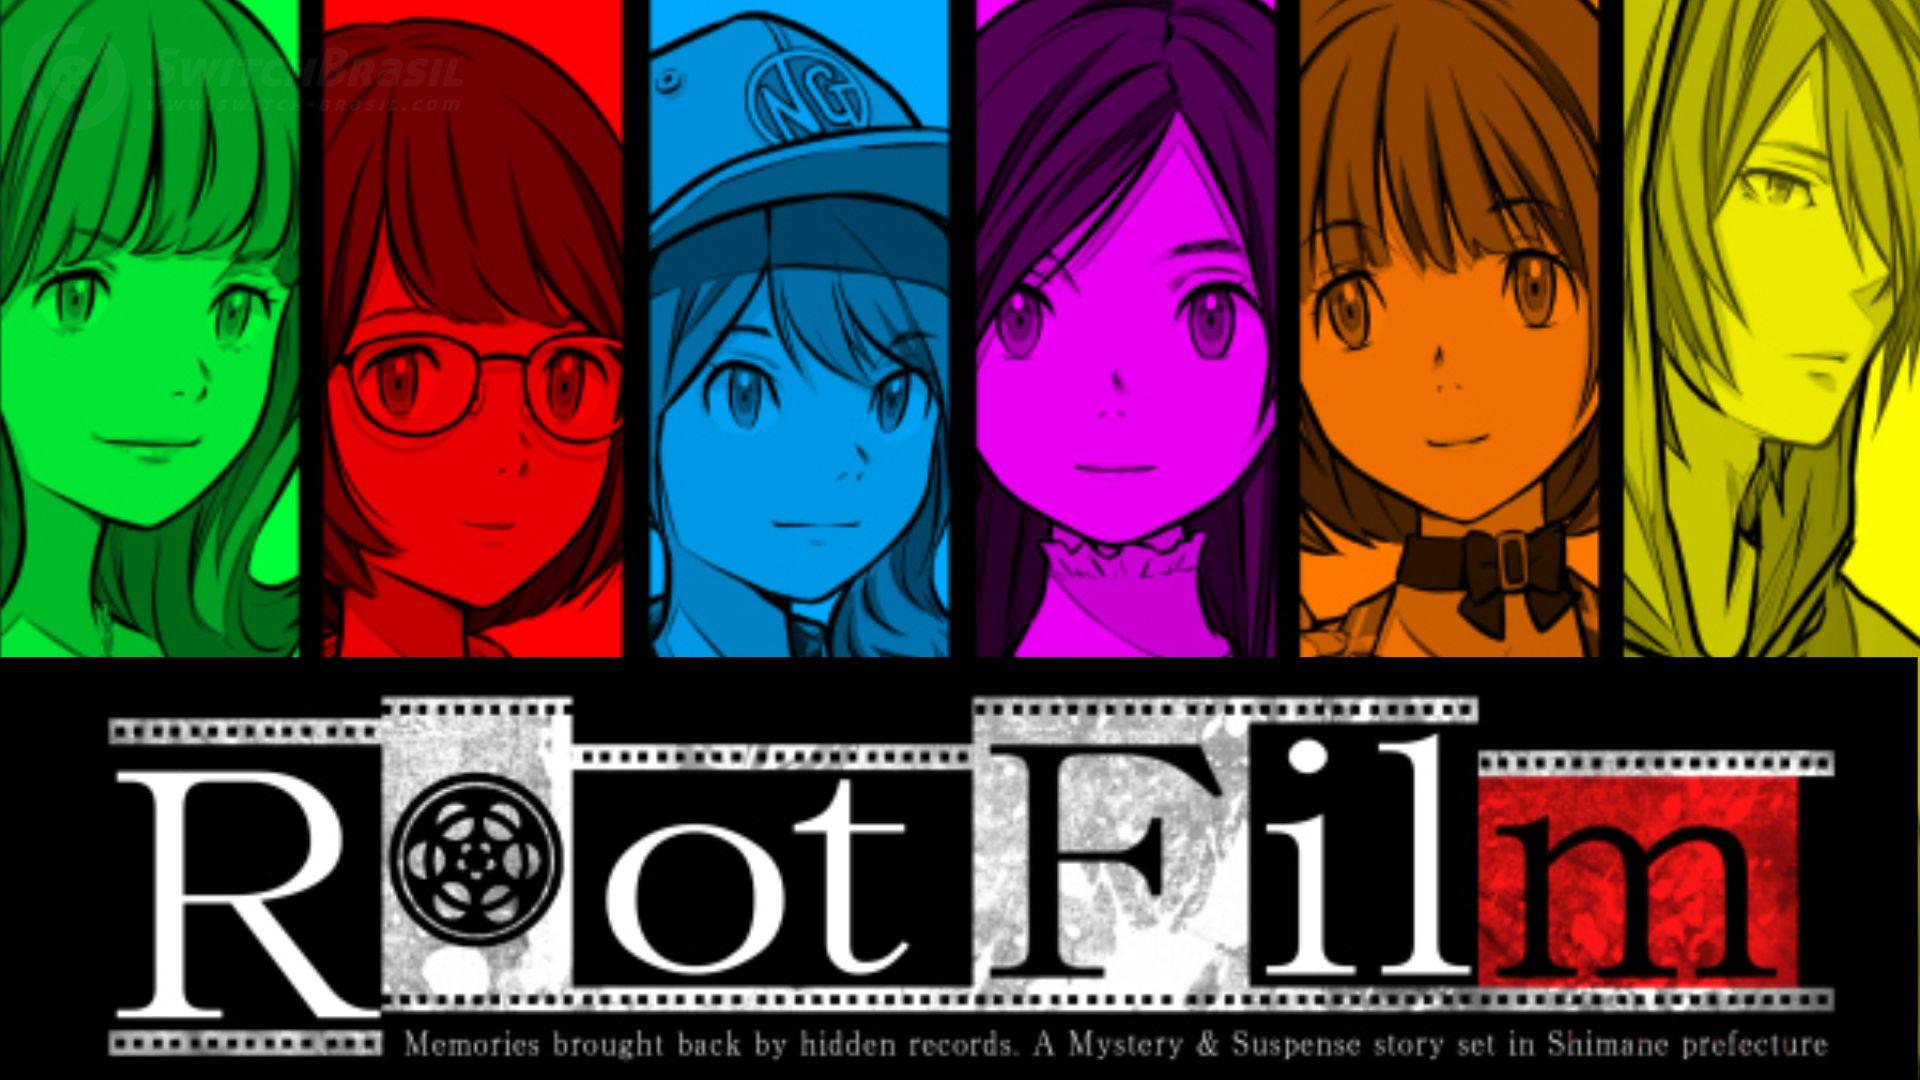 [Switch] Jogo de aventura e mistério Root Film chega em abril de 2020 no Japão, arte de capa revelada